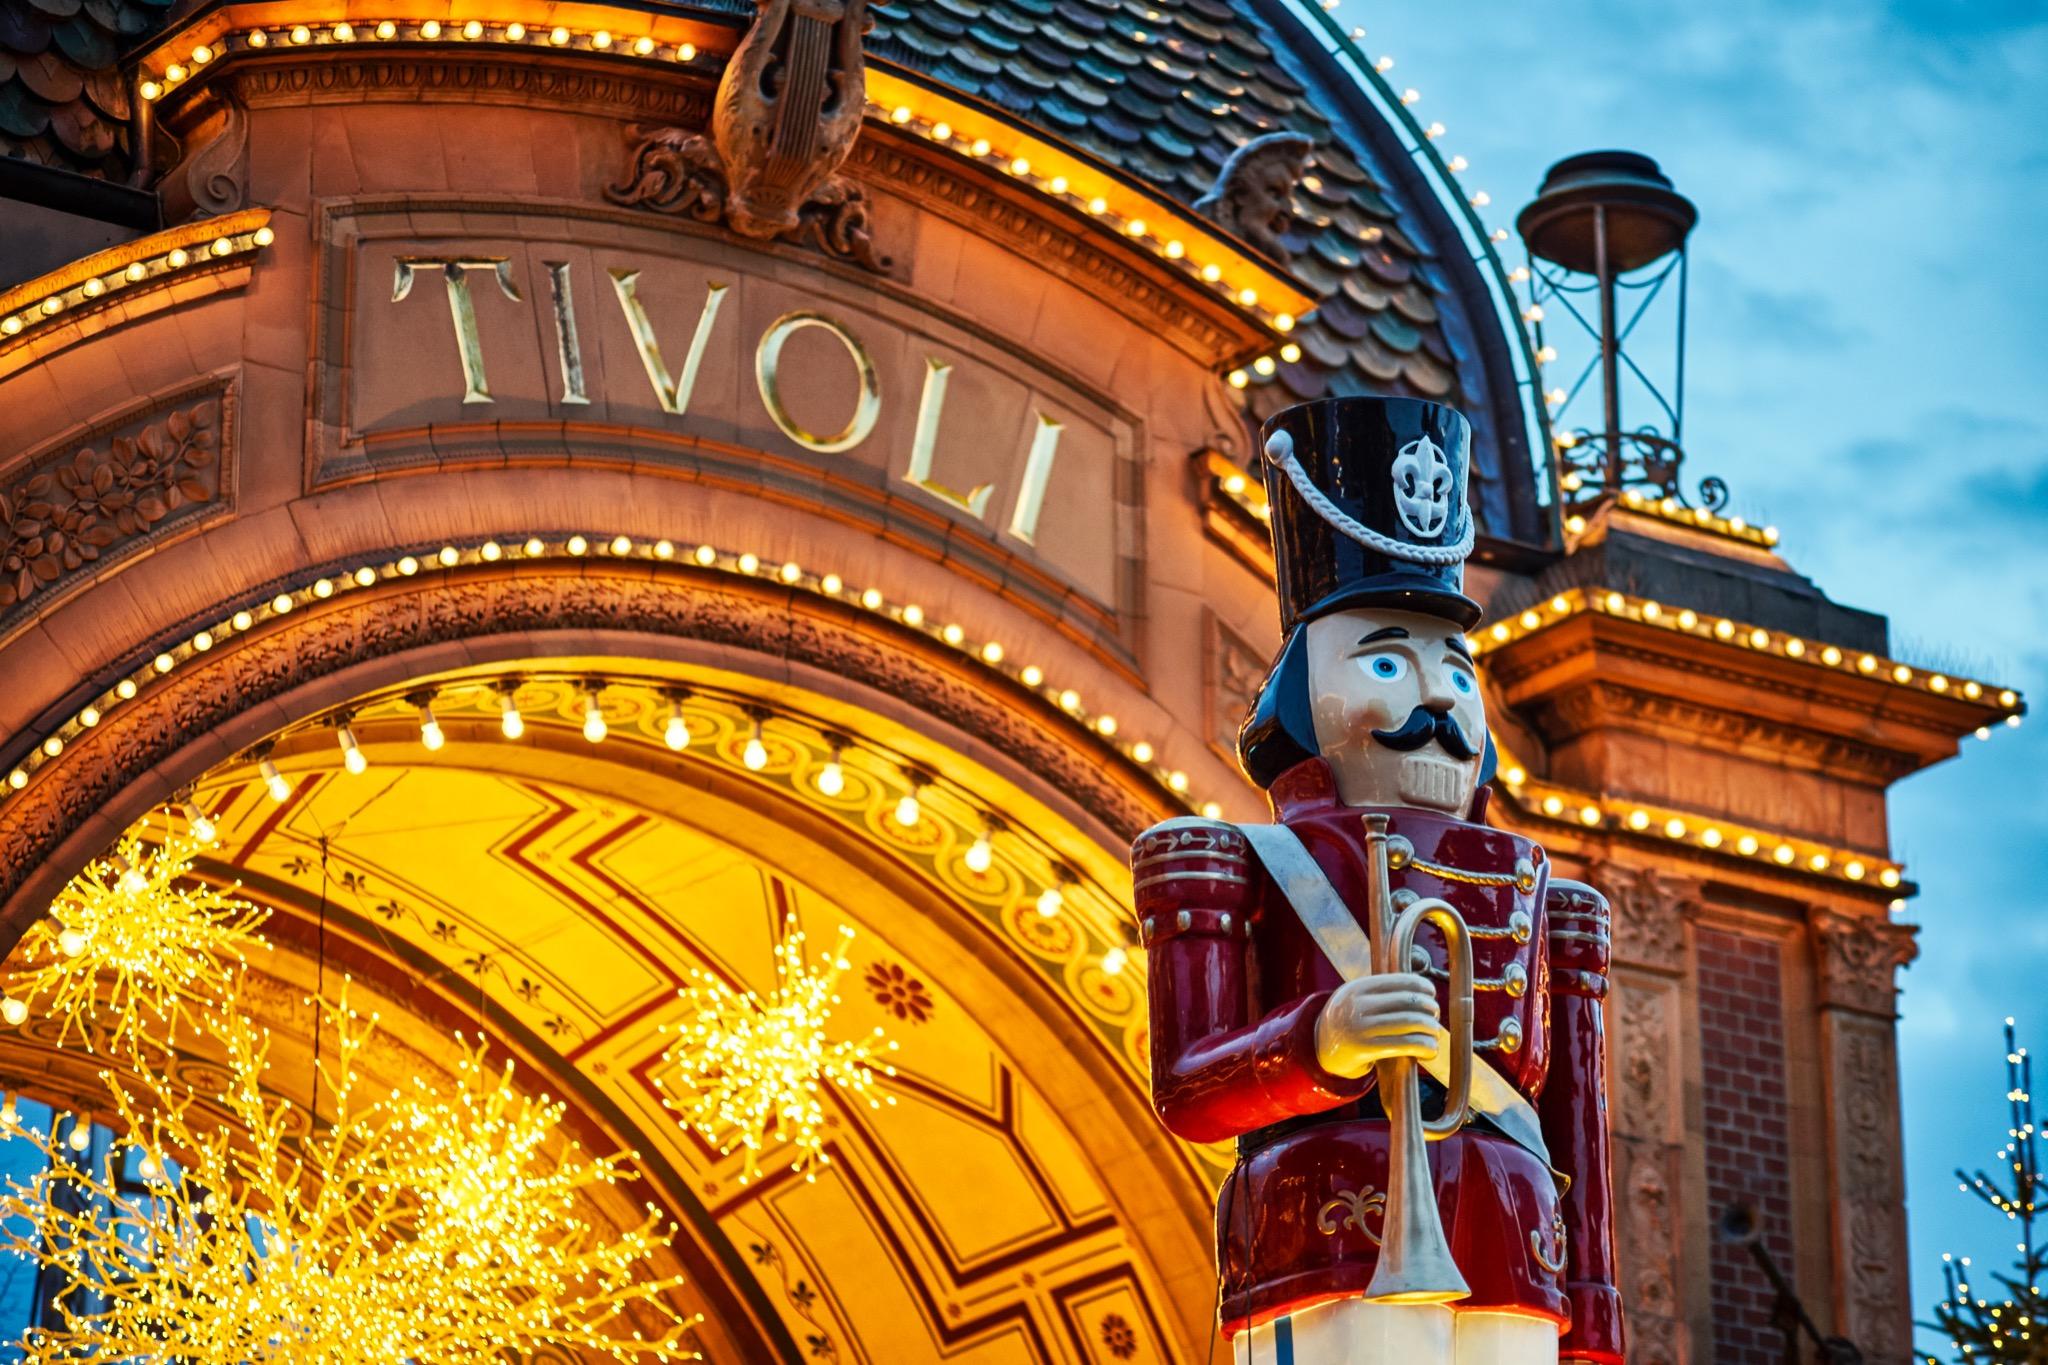 For at komme i Tivoli til Jul i Tivoli skal der bookes plads via Tivolis hjemmeside. Et vagtfirma vil sørge for, at der ikke bliver for megen trængsel foran indgangene. Foto: Lasse Salling.